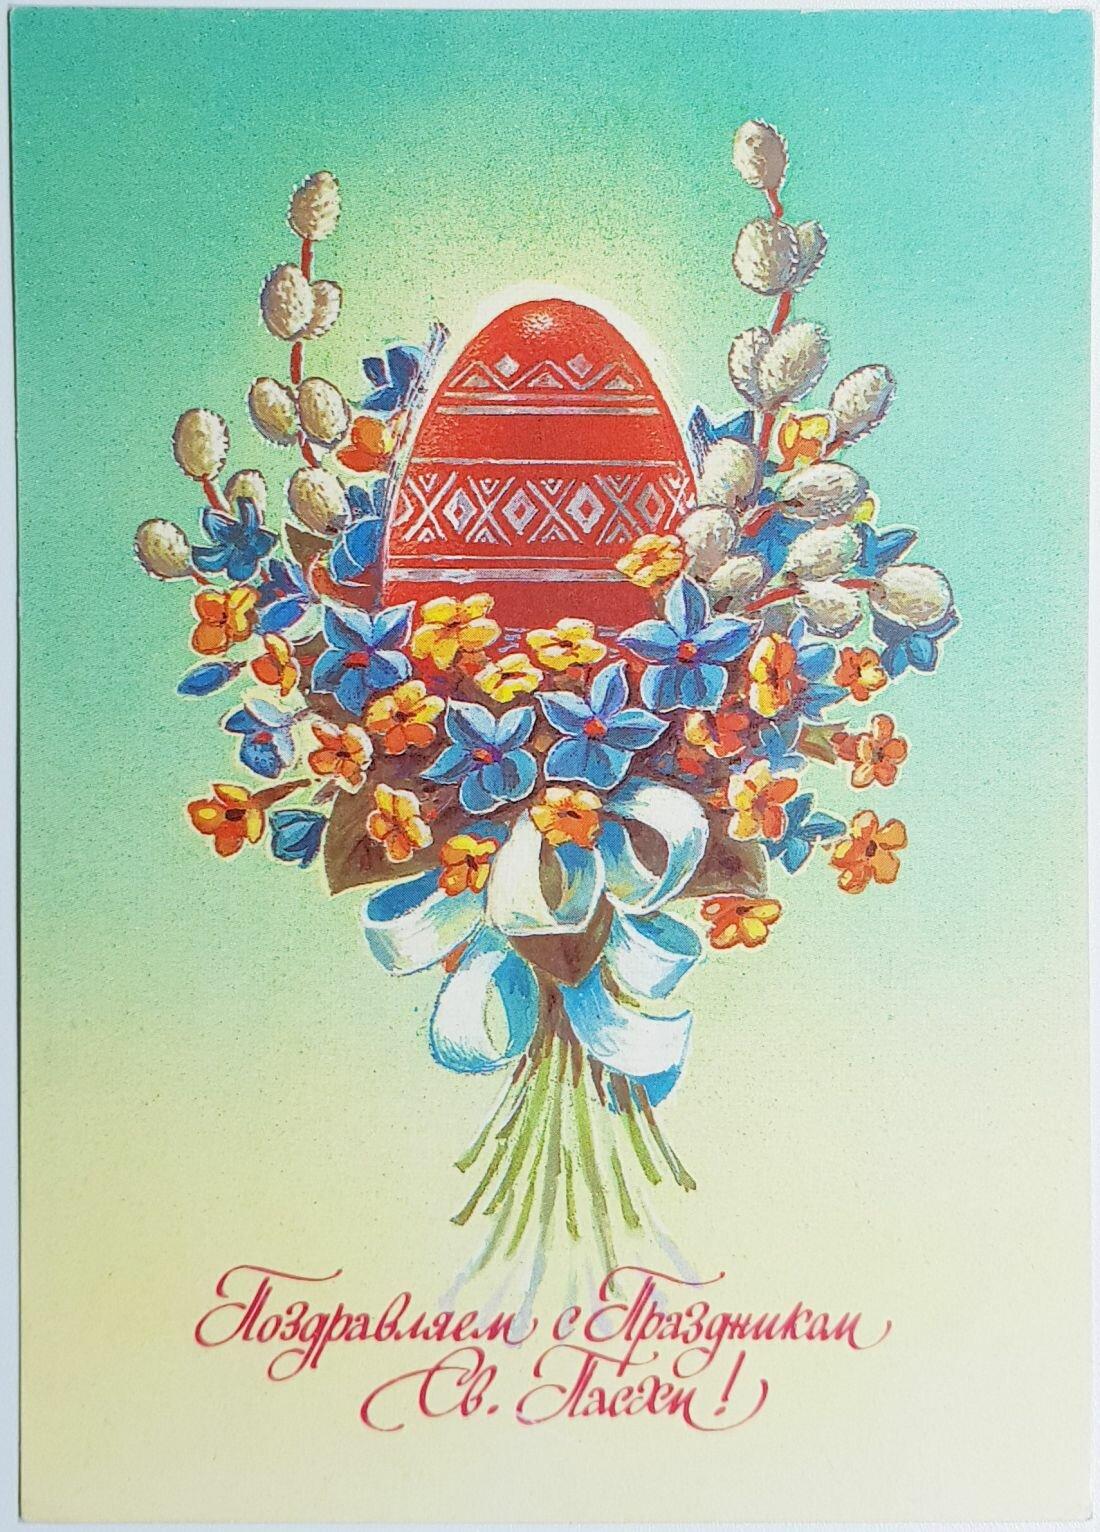 венгерские открытки с пасхой интернете